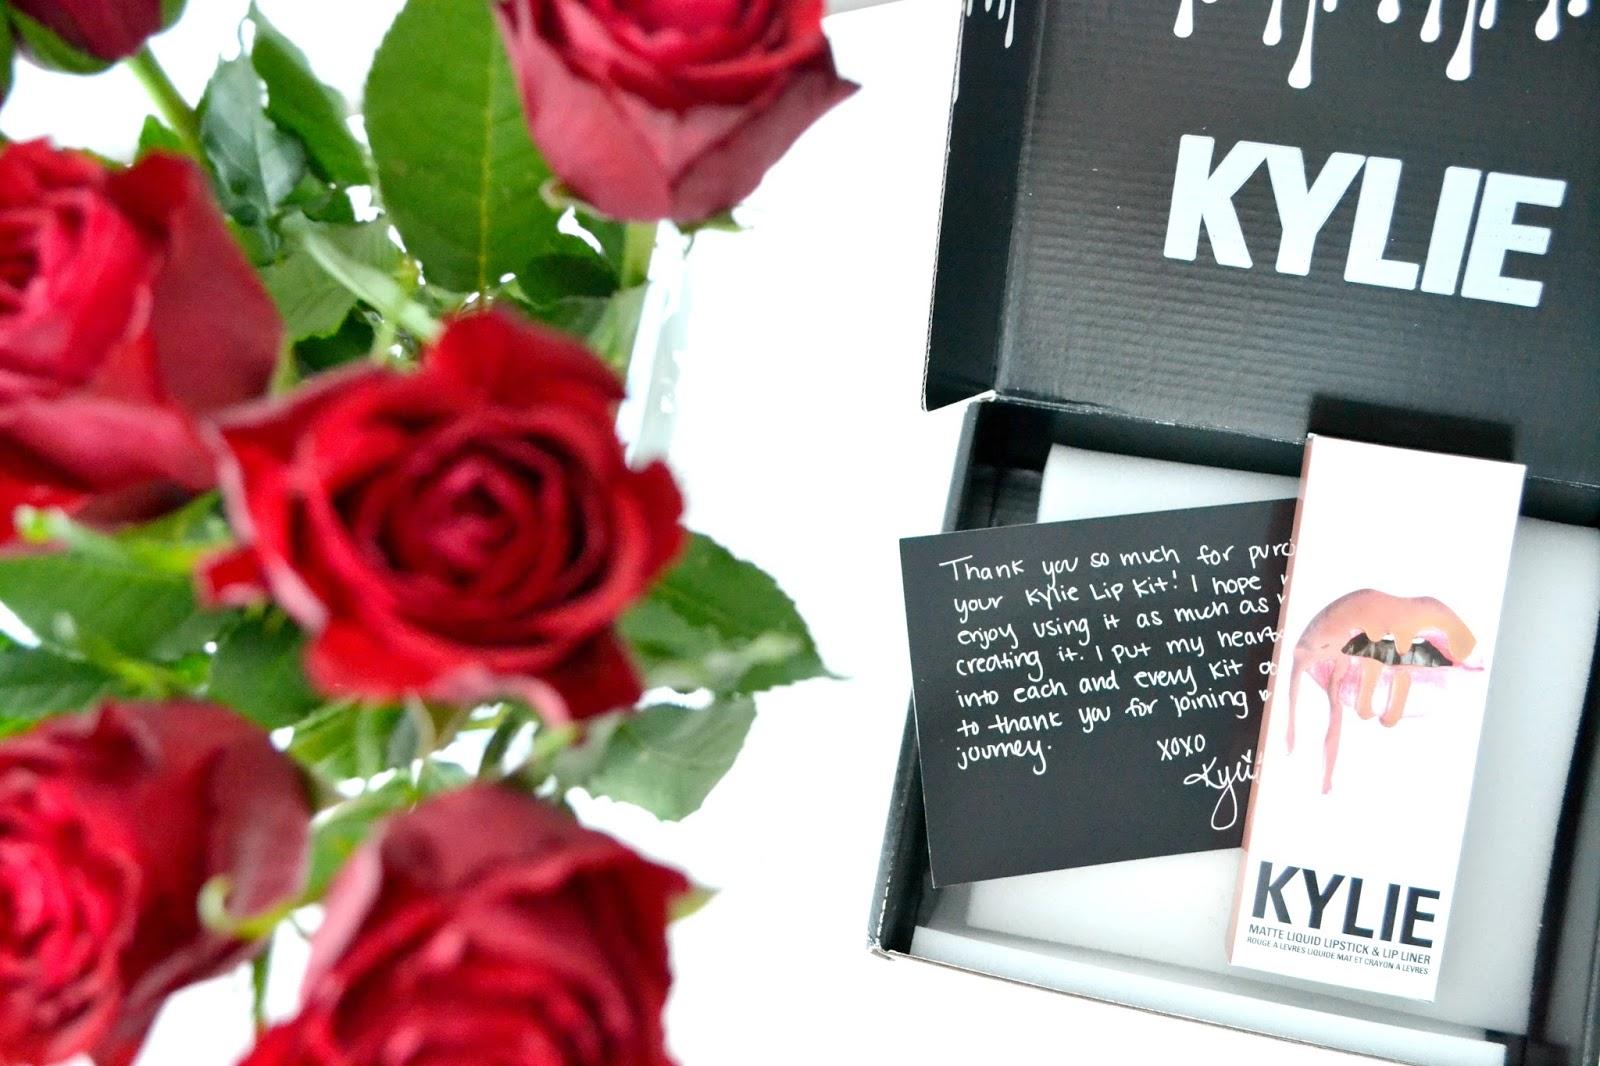 Gewinne ein Kylie Jenner Lip Kit!